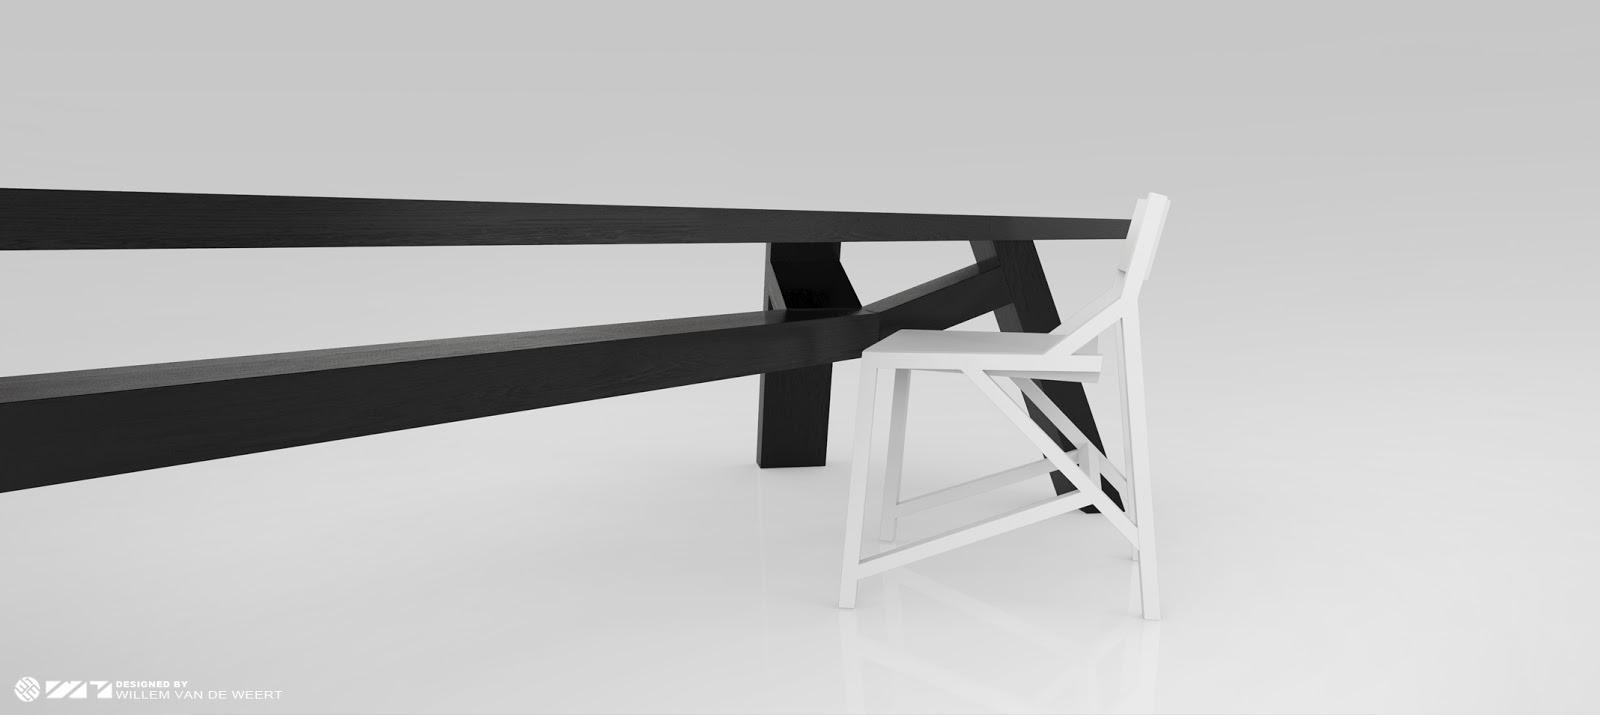 Design tafels  oktober 2015